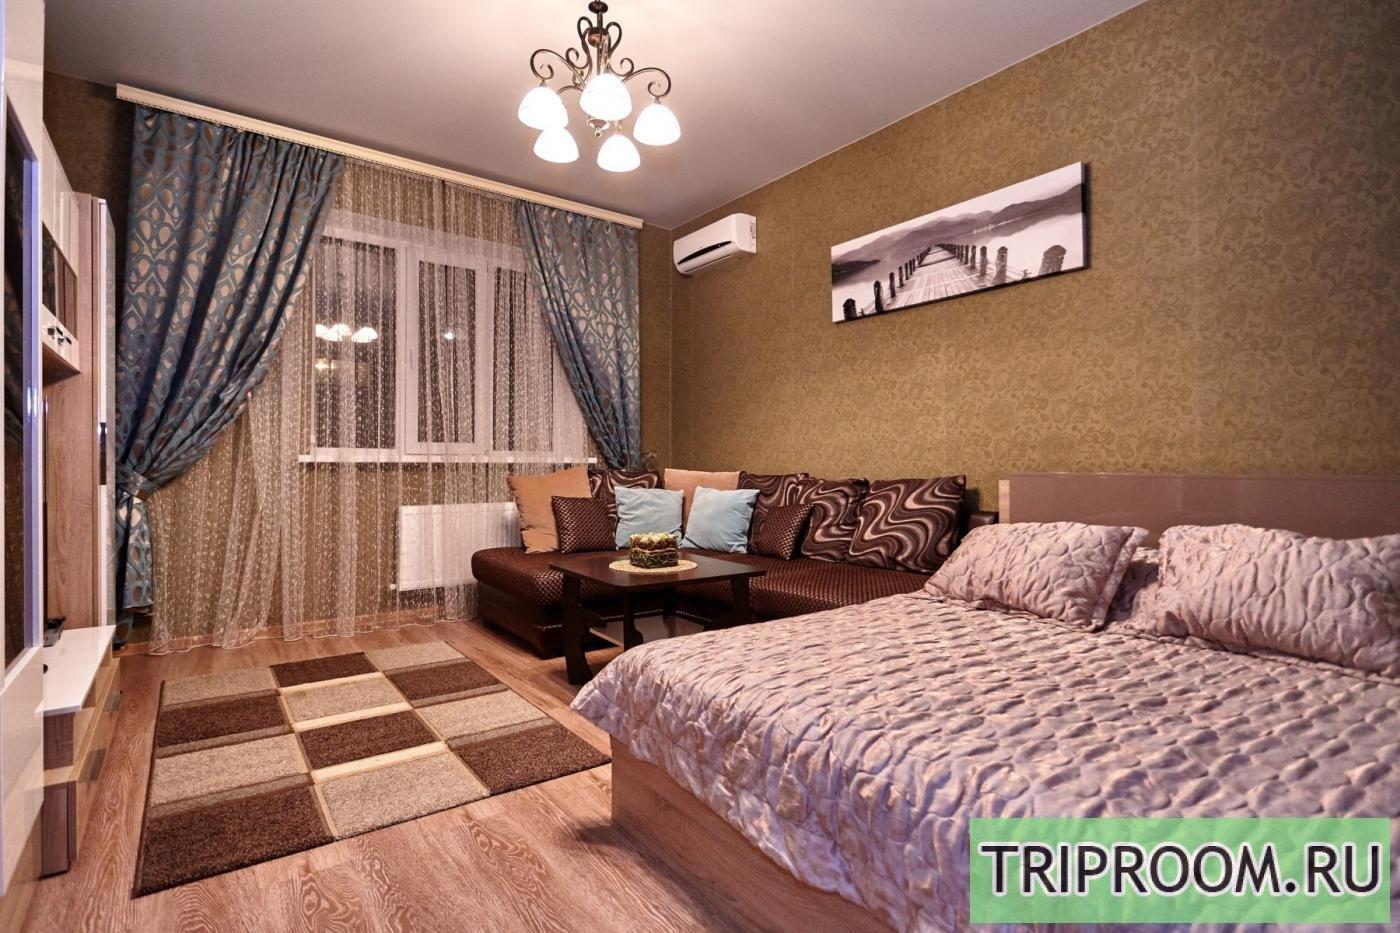 1-комнатная квартира посуточно (вариант № 6859), ул. Кореновская улица, фото № 1